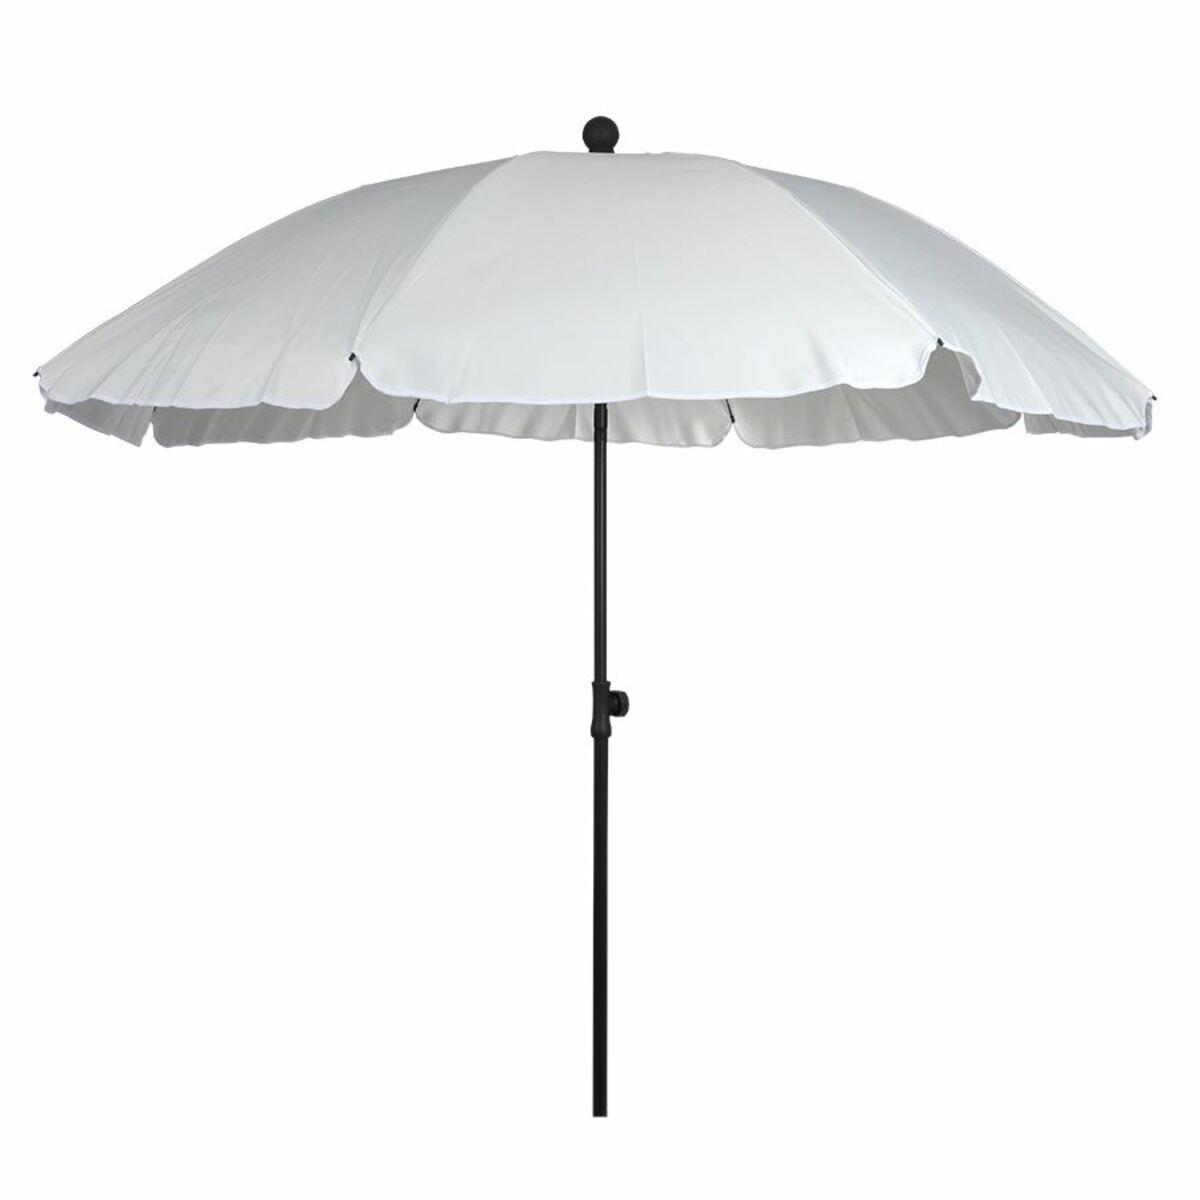 Bild 2 von Sonnenschirm mit Knickgelenk 175x200cm Weiß, beschichtetes Metallgestell, Schirmbespannung aus 100% Polyester, Gewicht: ca. 1,71kg